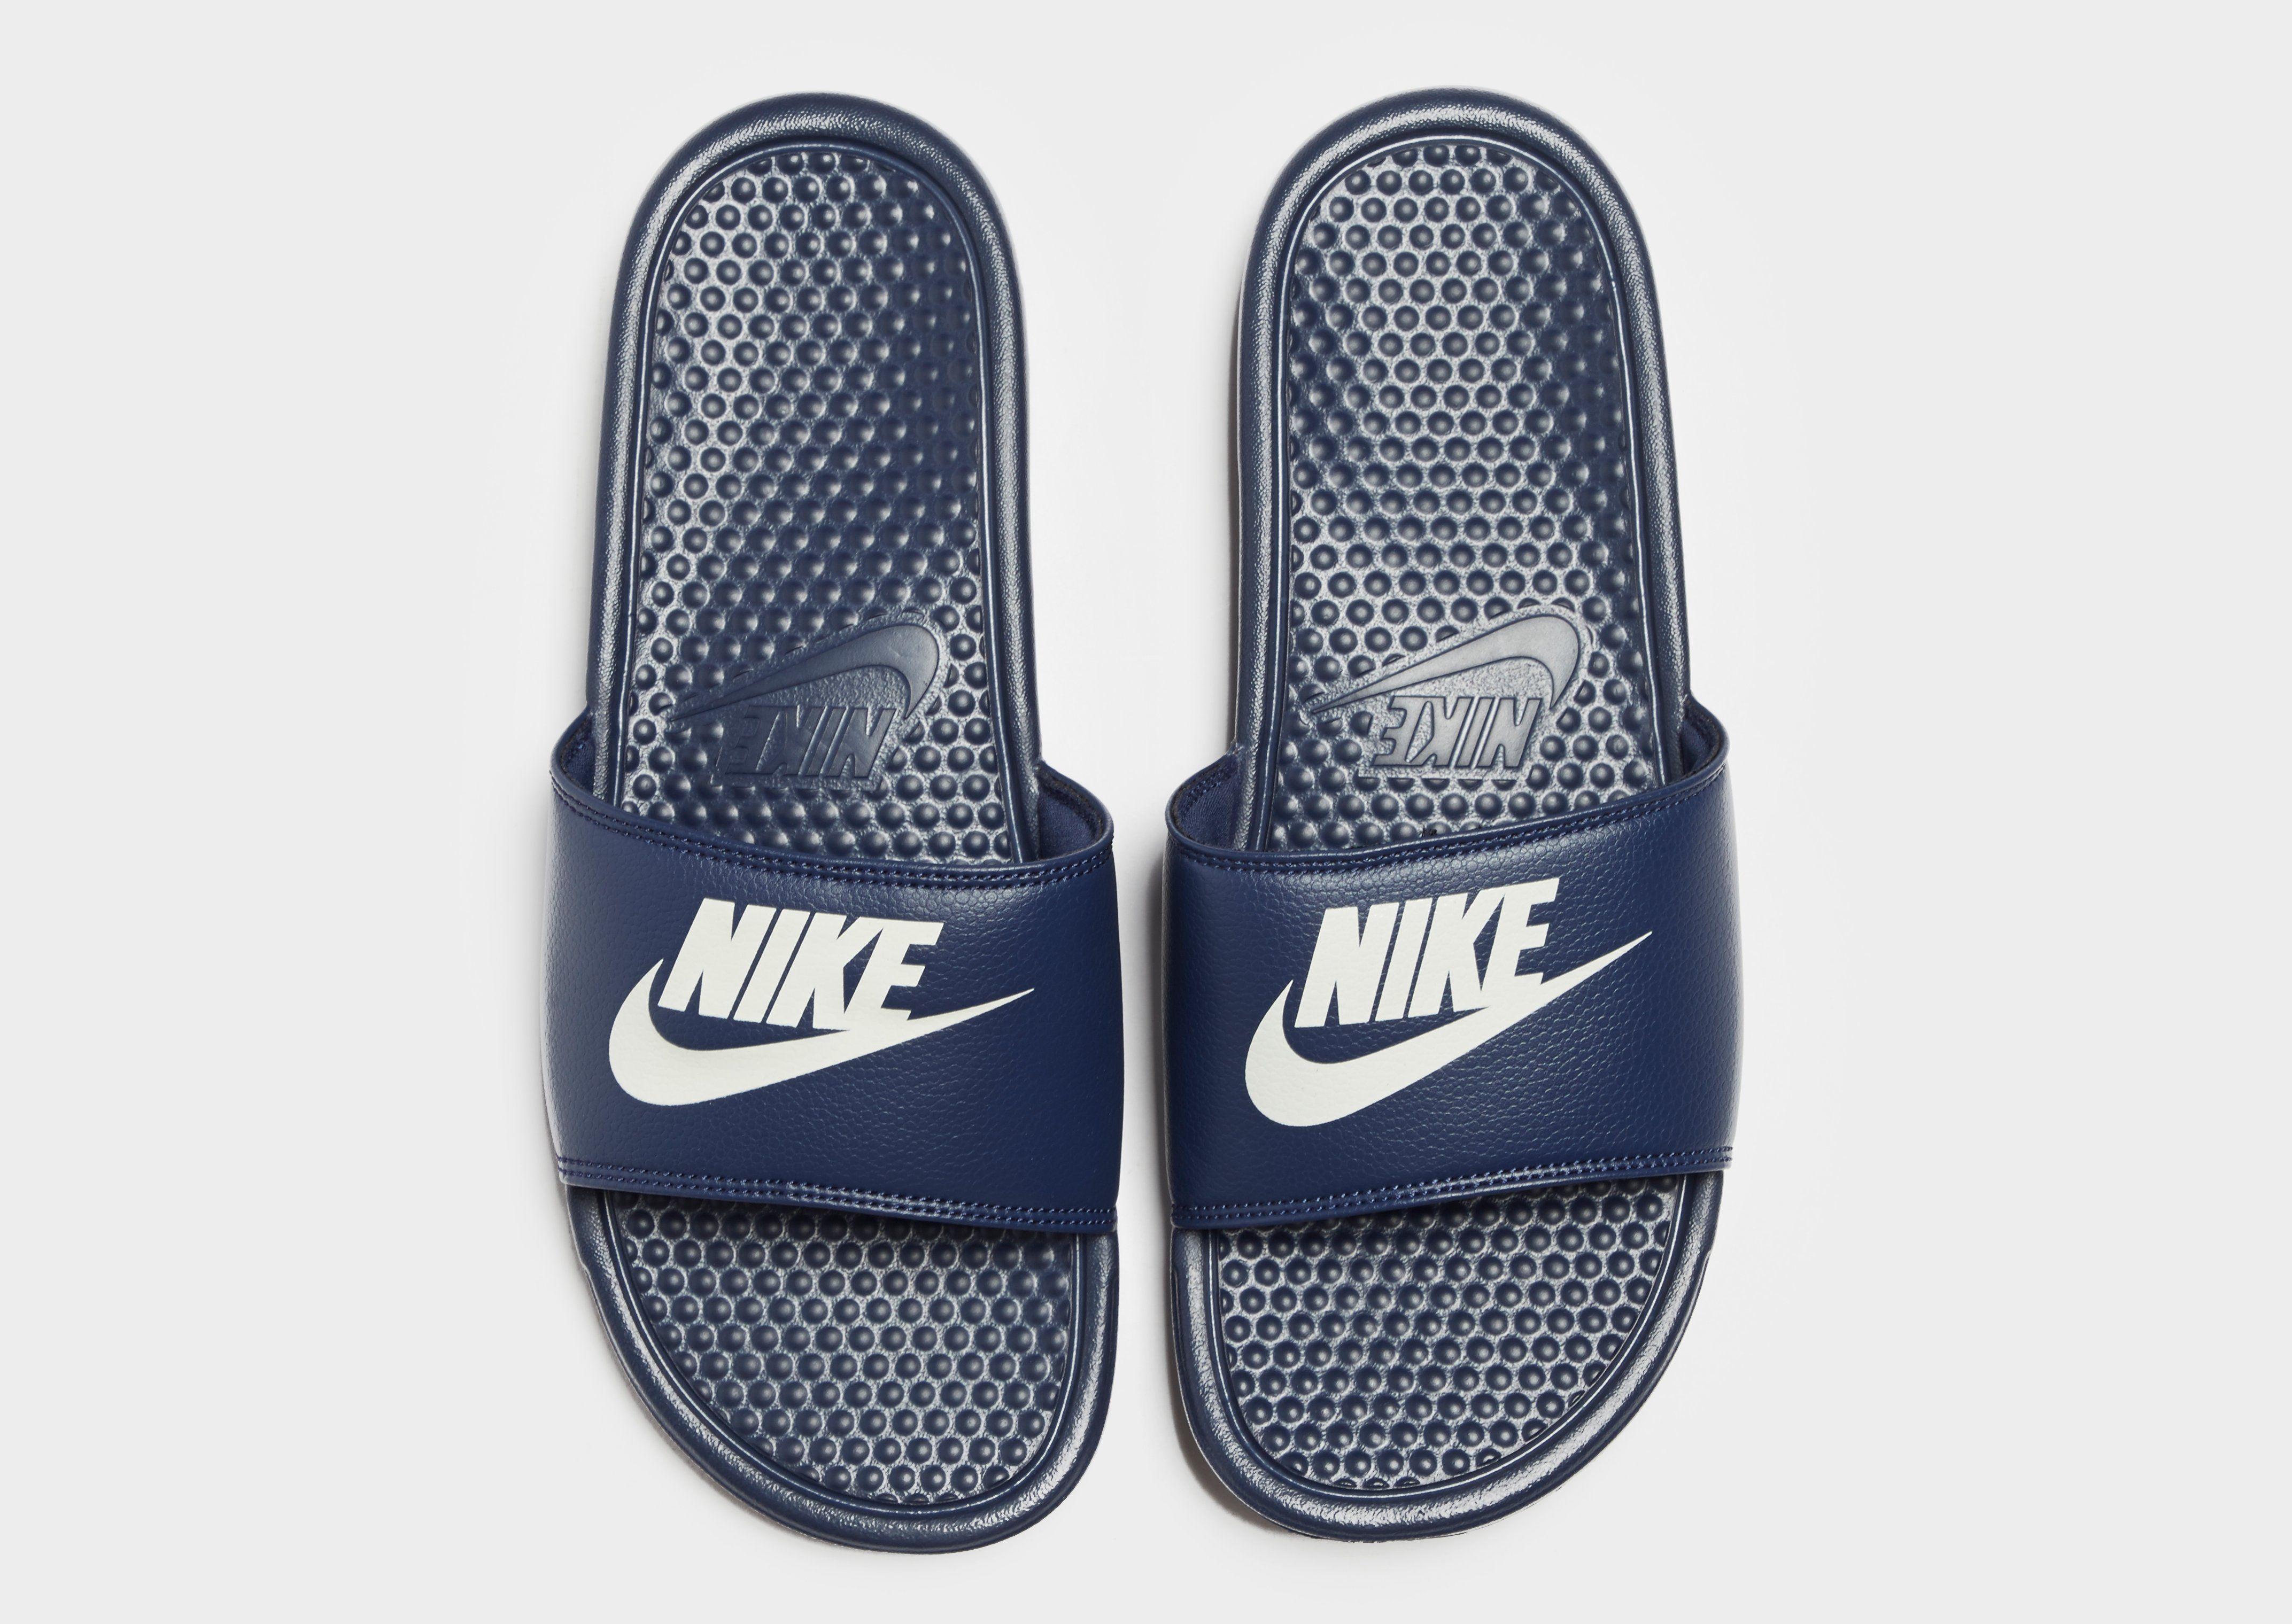 Nike Benassi Just Do It Slides Blau Spielraum Shop-Angebot Wo Niedrigen Preis Kaufen Footaction Online Freies Verschiffen Footlocker 3inqyM1FW2